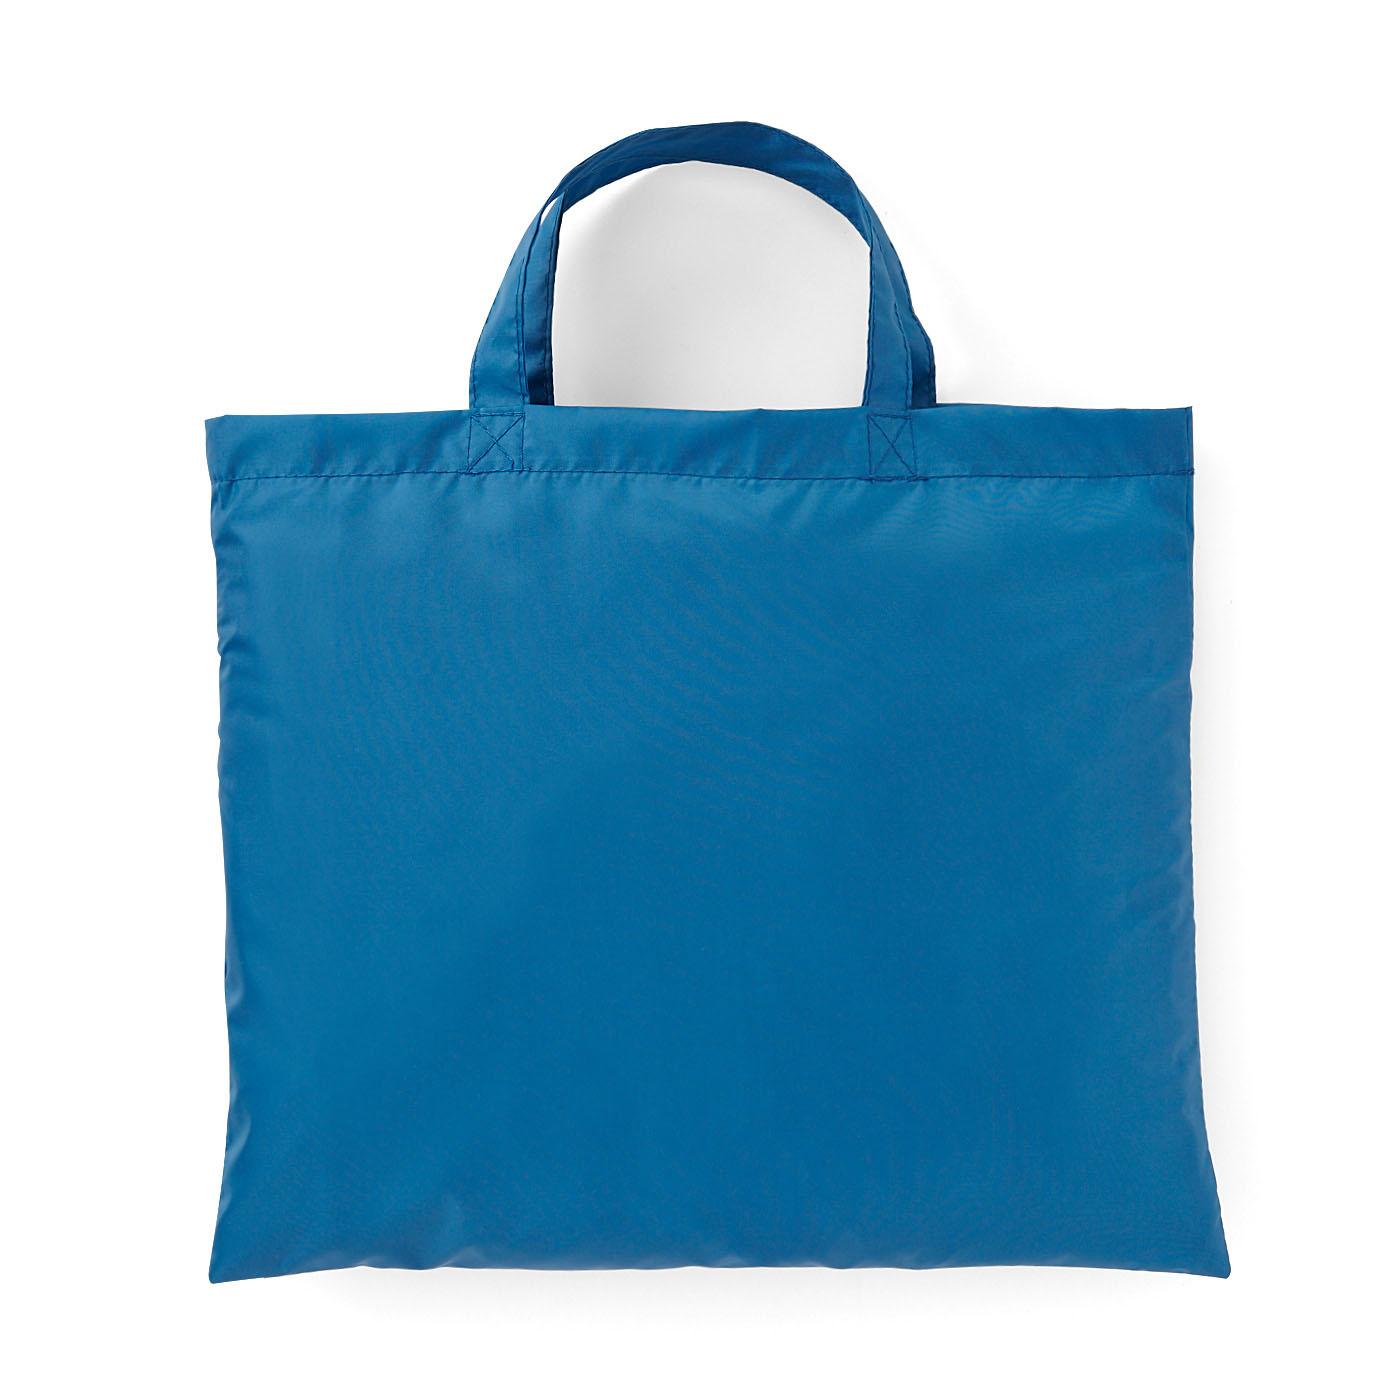 ポンチョを折りたたんでしまえる収納バッグ付き。